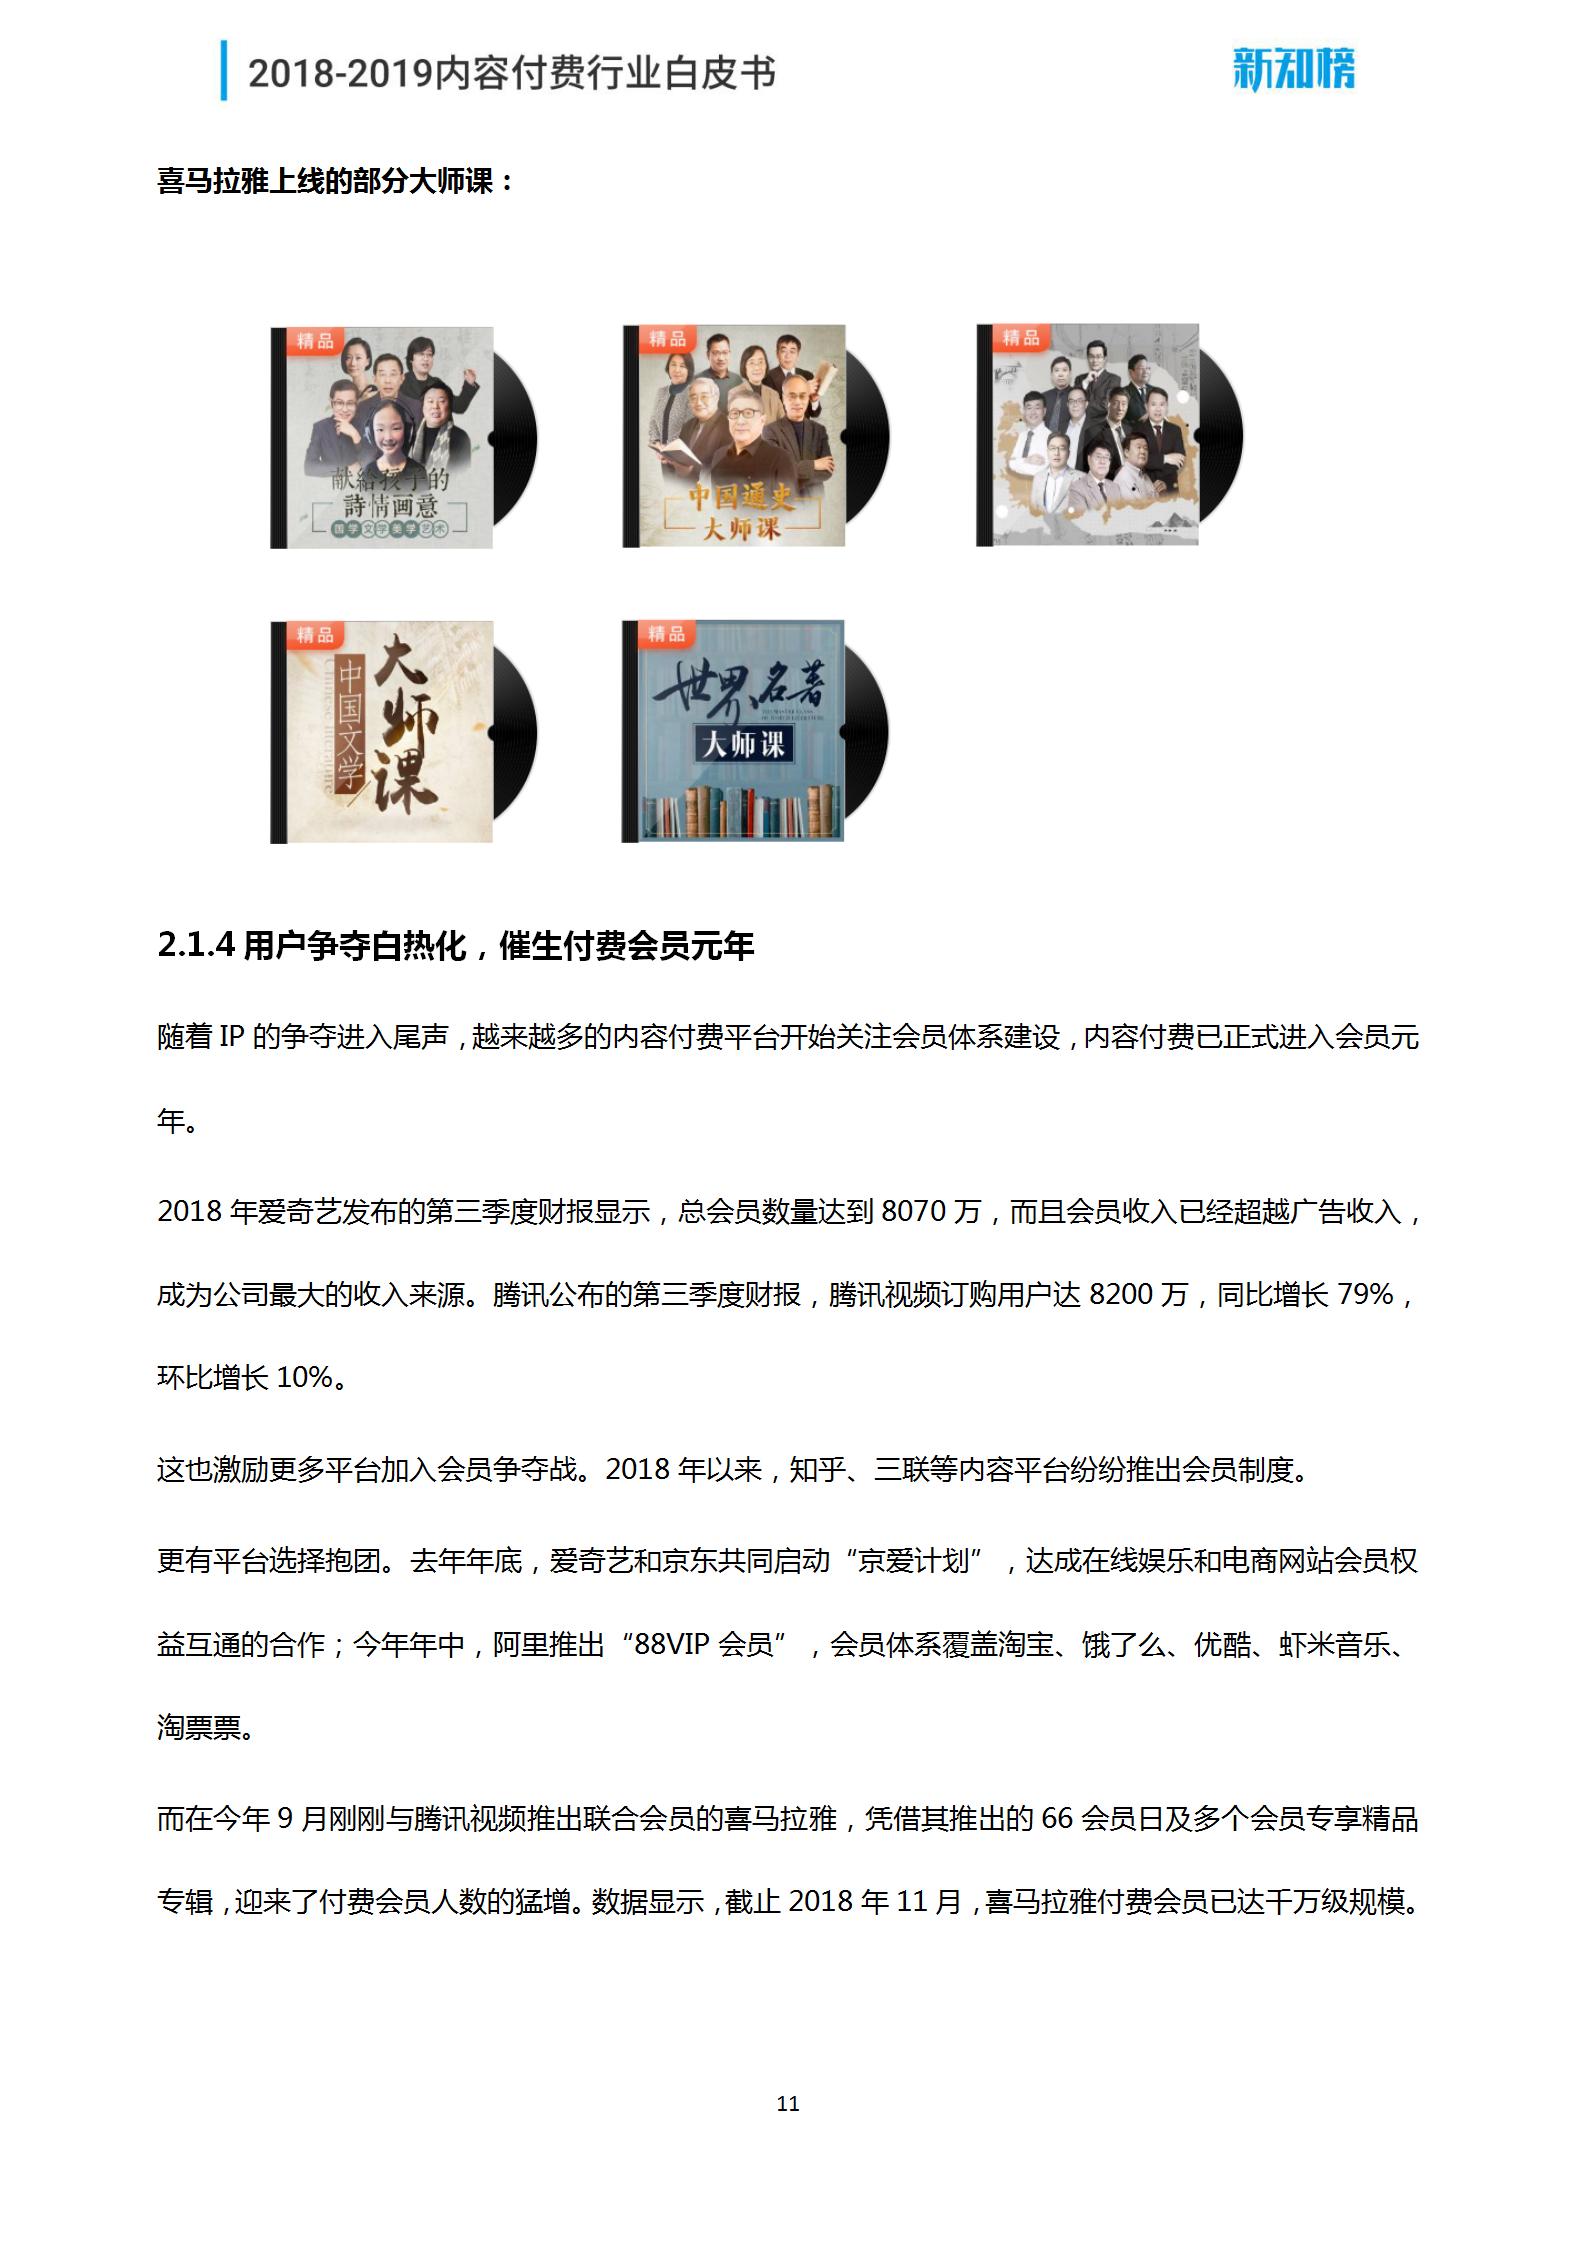 新知榜2018-2019内容付费行业白皮书_11.png